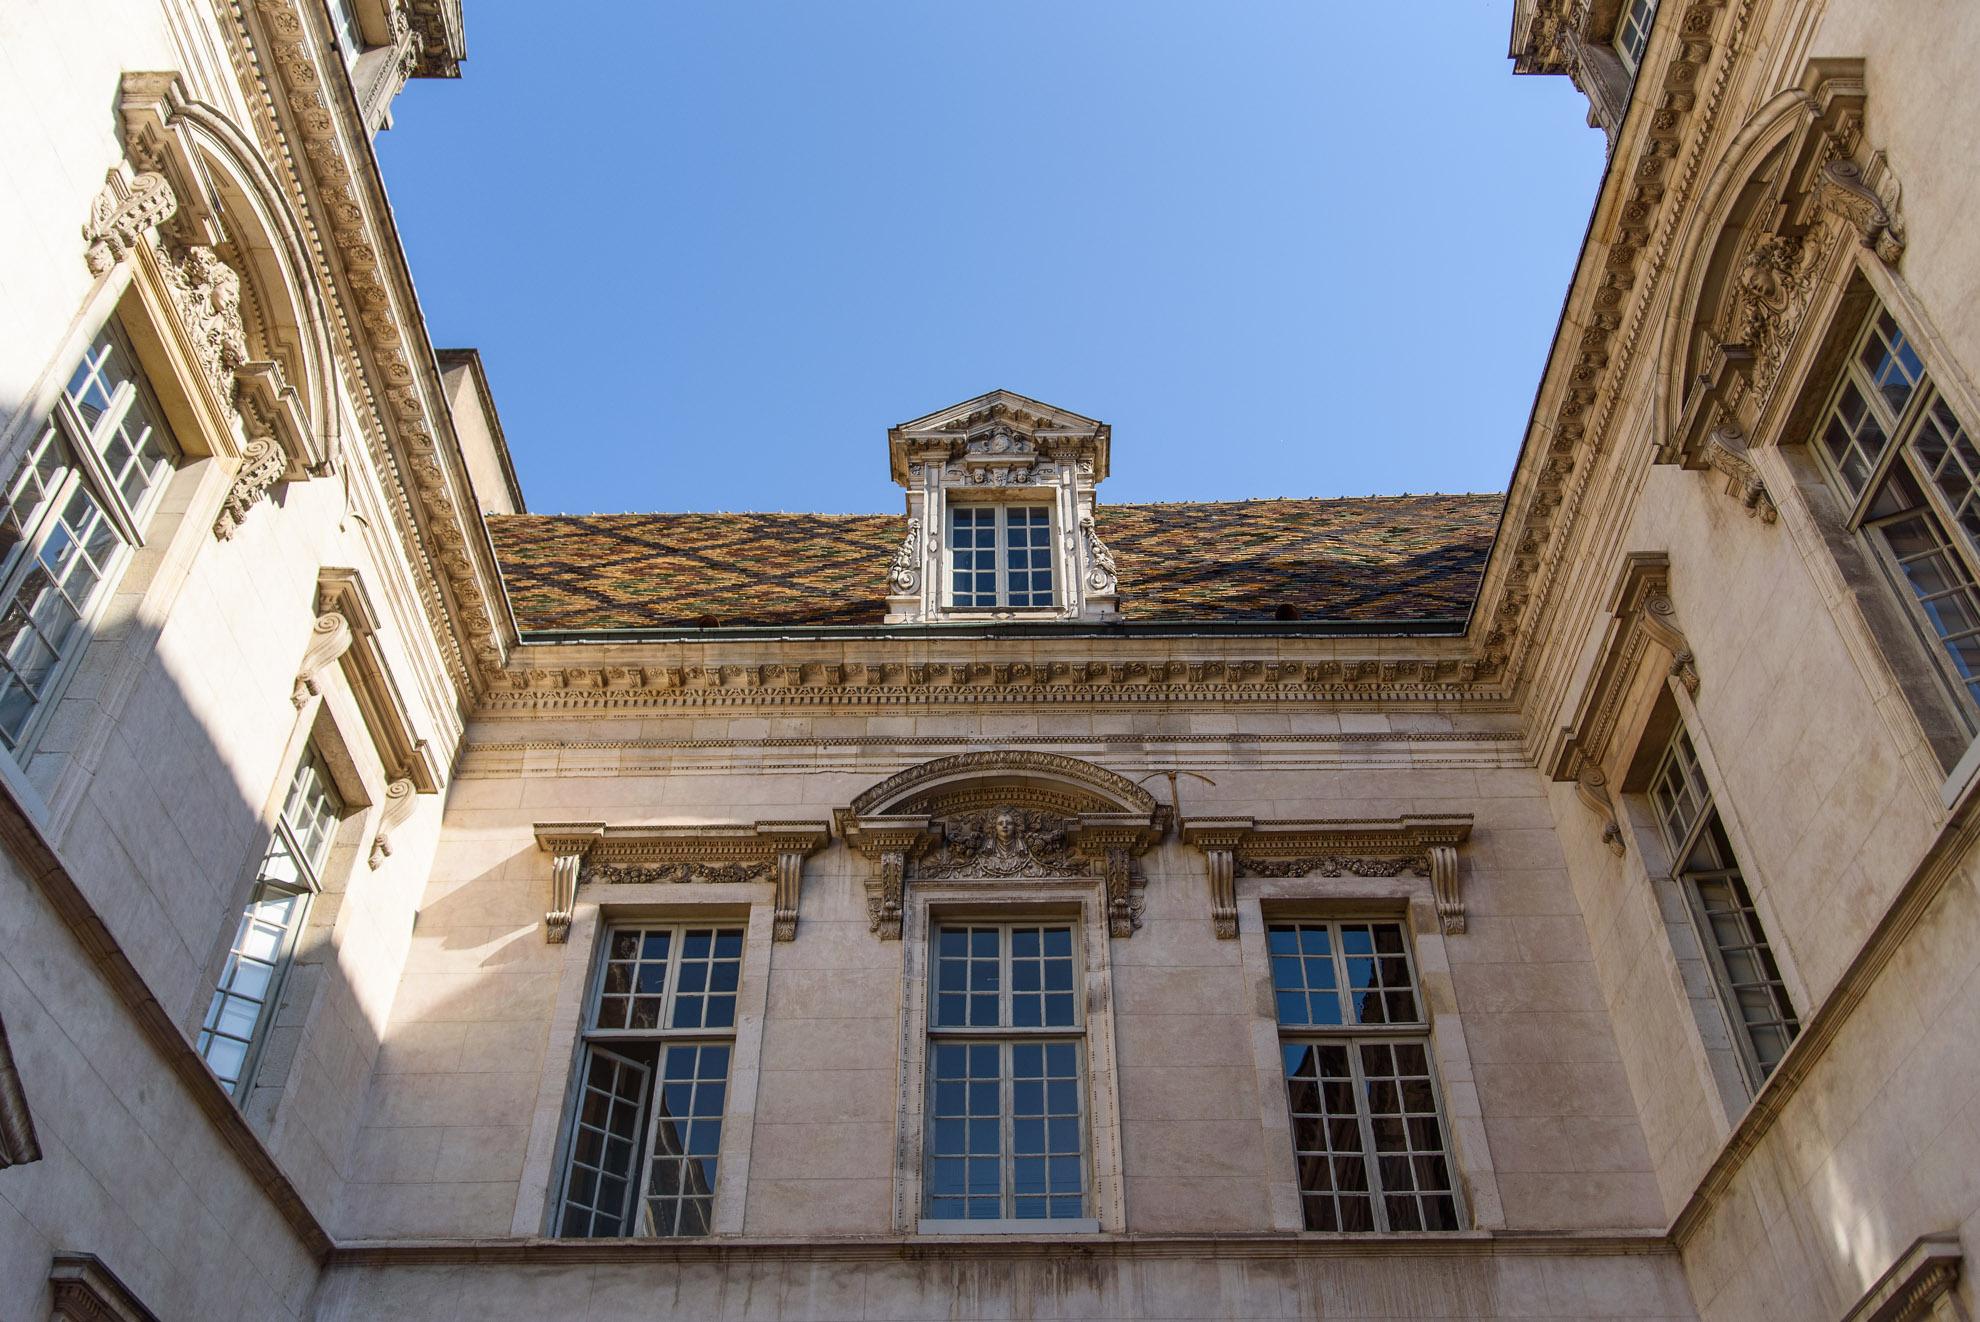 Hôtel de Vogüé - rezydencja z charakterystycznym burgundzkim dachem